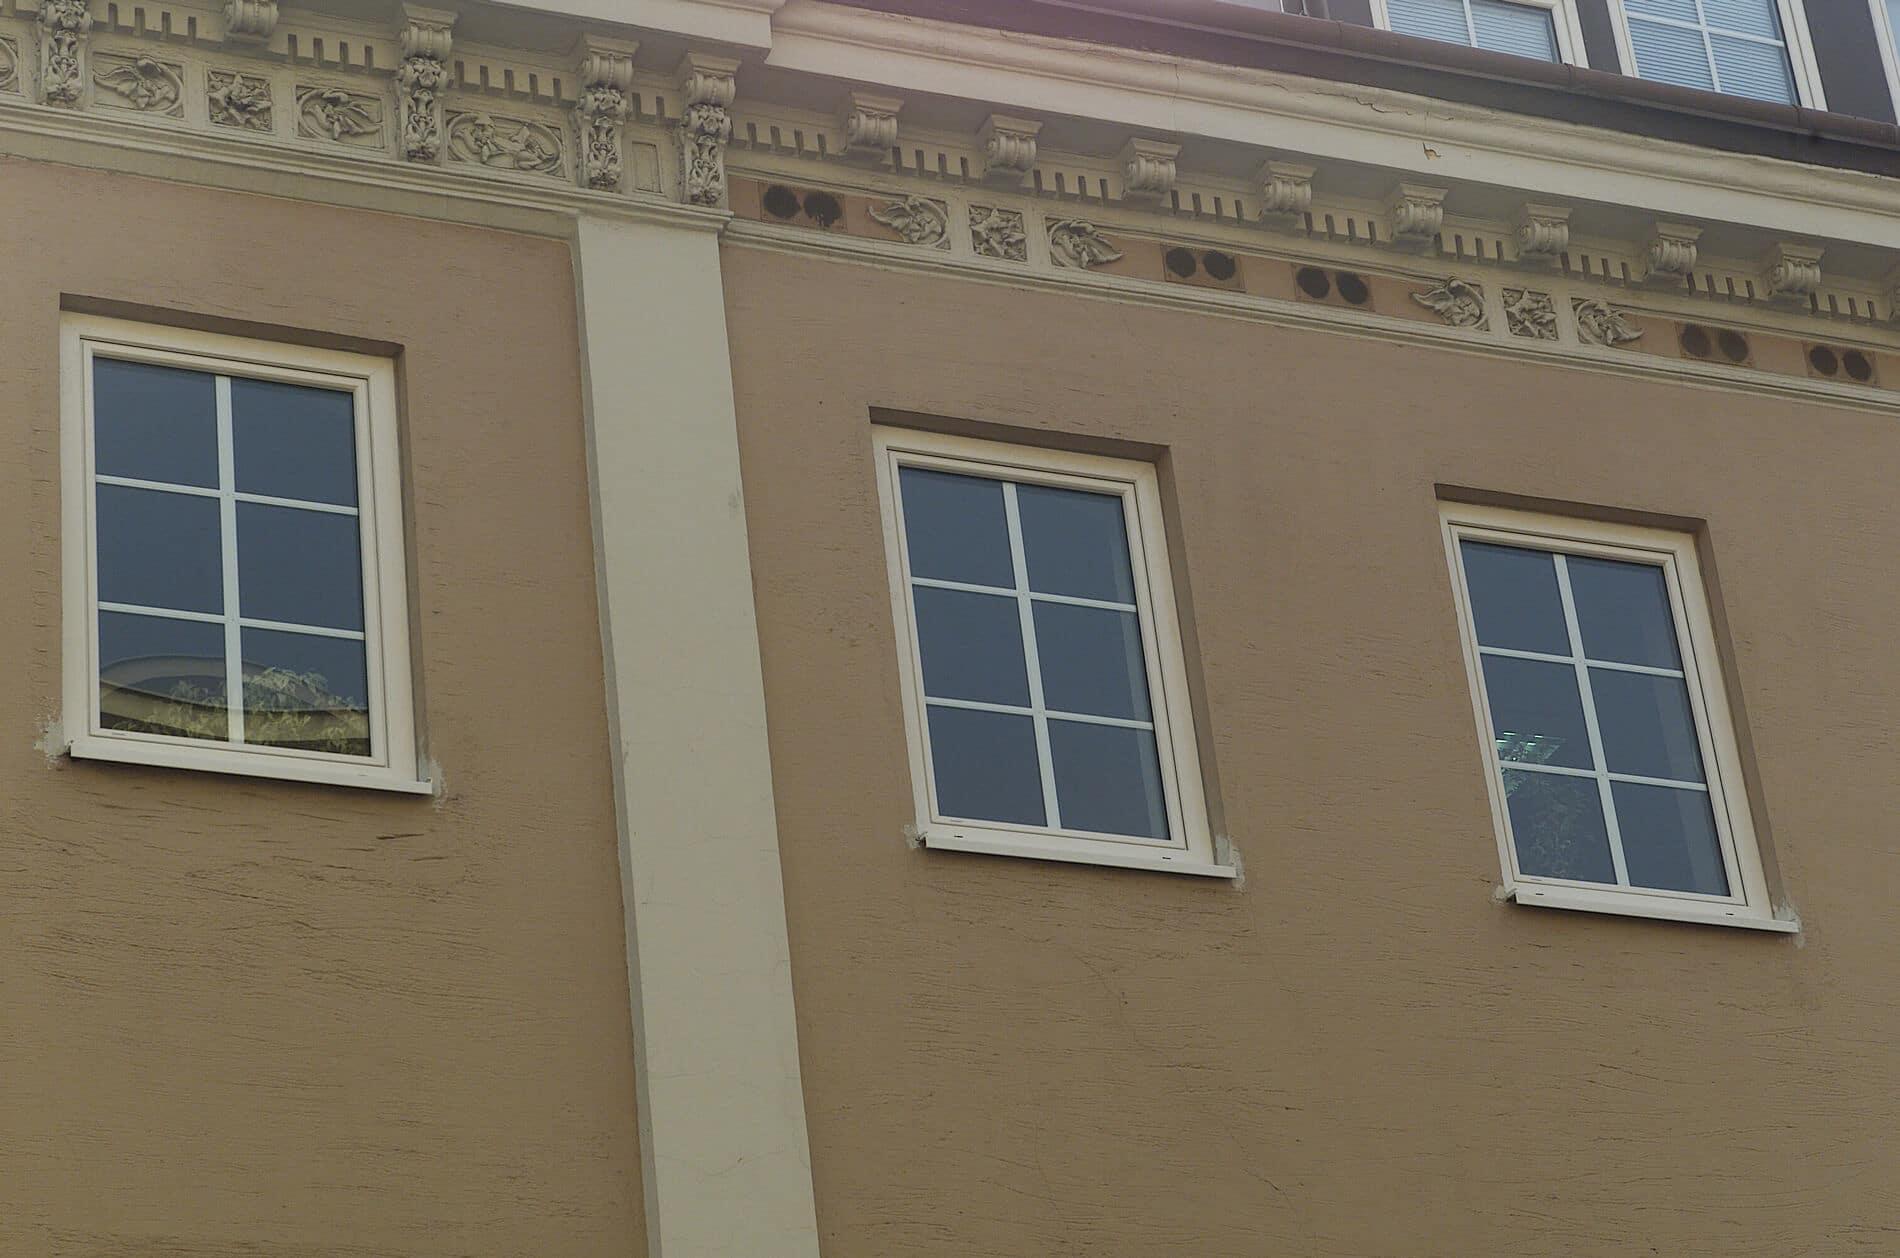 Full Size of Fensterfugen Erneuern Fenster Fr Altbau In Sterreich Fenstertausch Nach Ma Bad Kosten Wohnzimmer Fensterfugen Erneuern